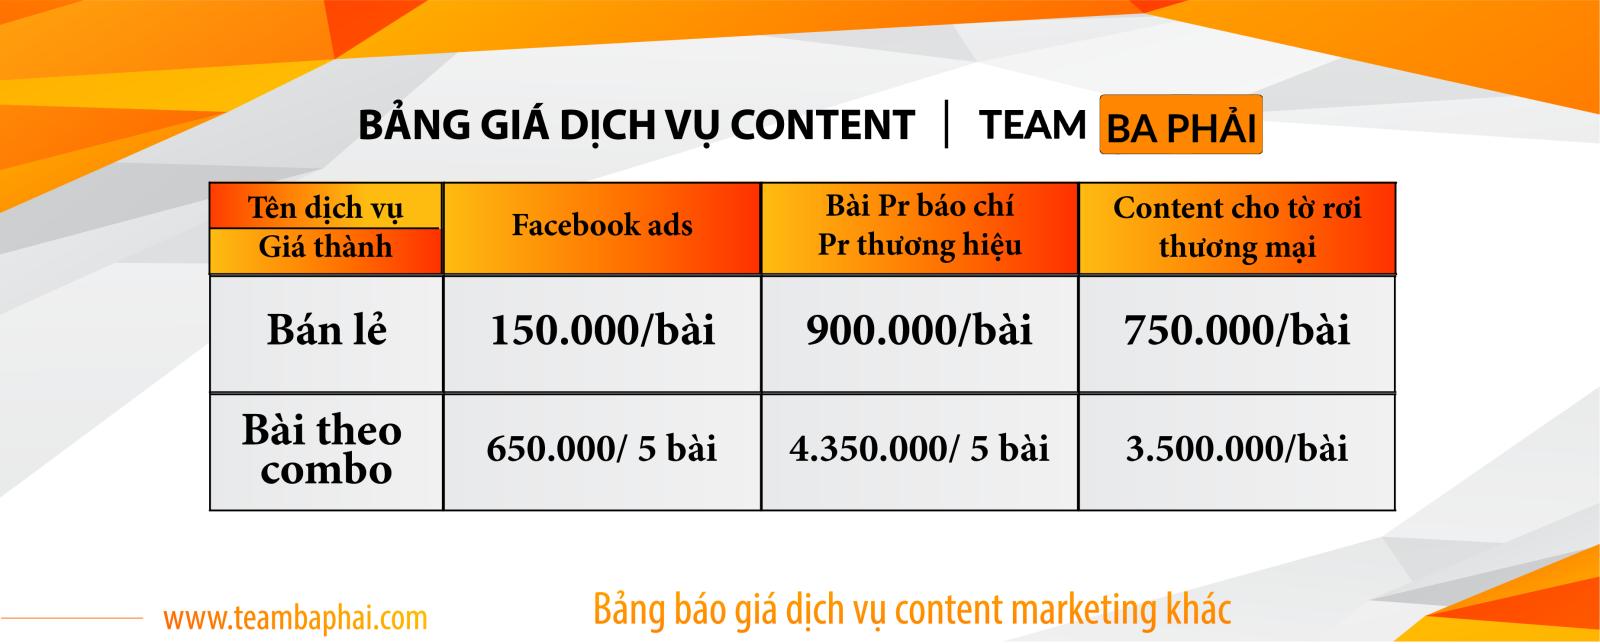 Bảng Giá Dịch Vụ Content Marketing - Seo Team Ba Phải